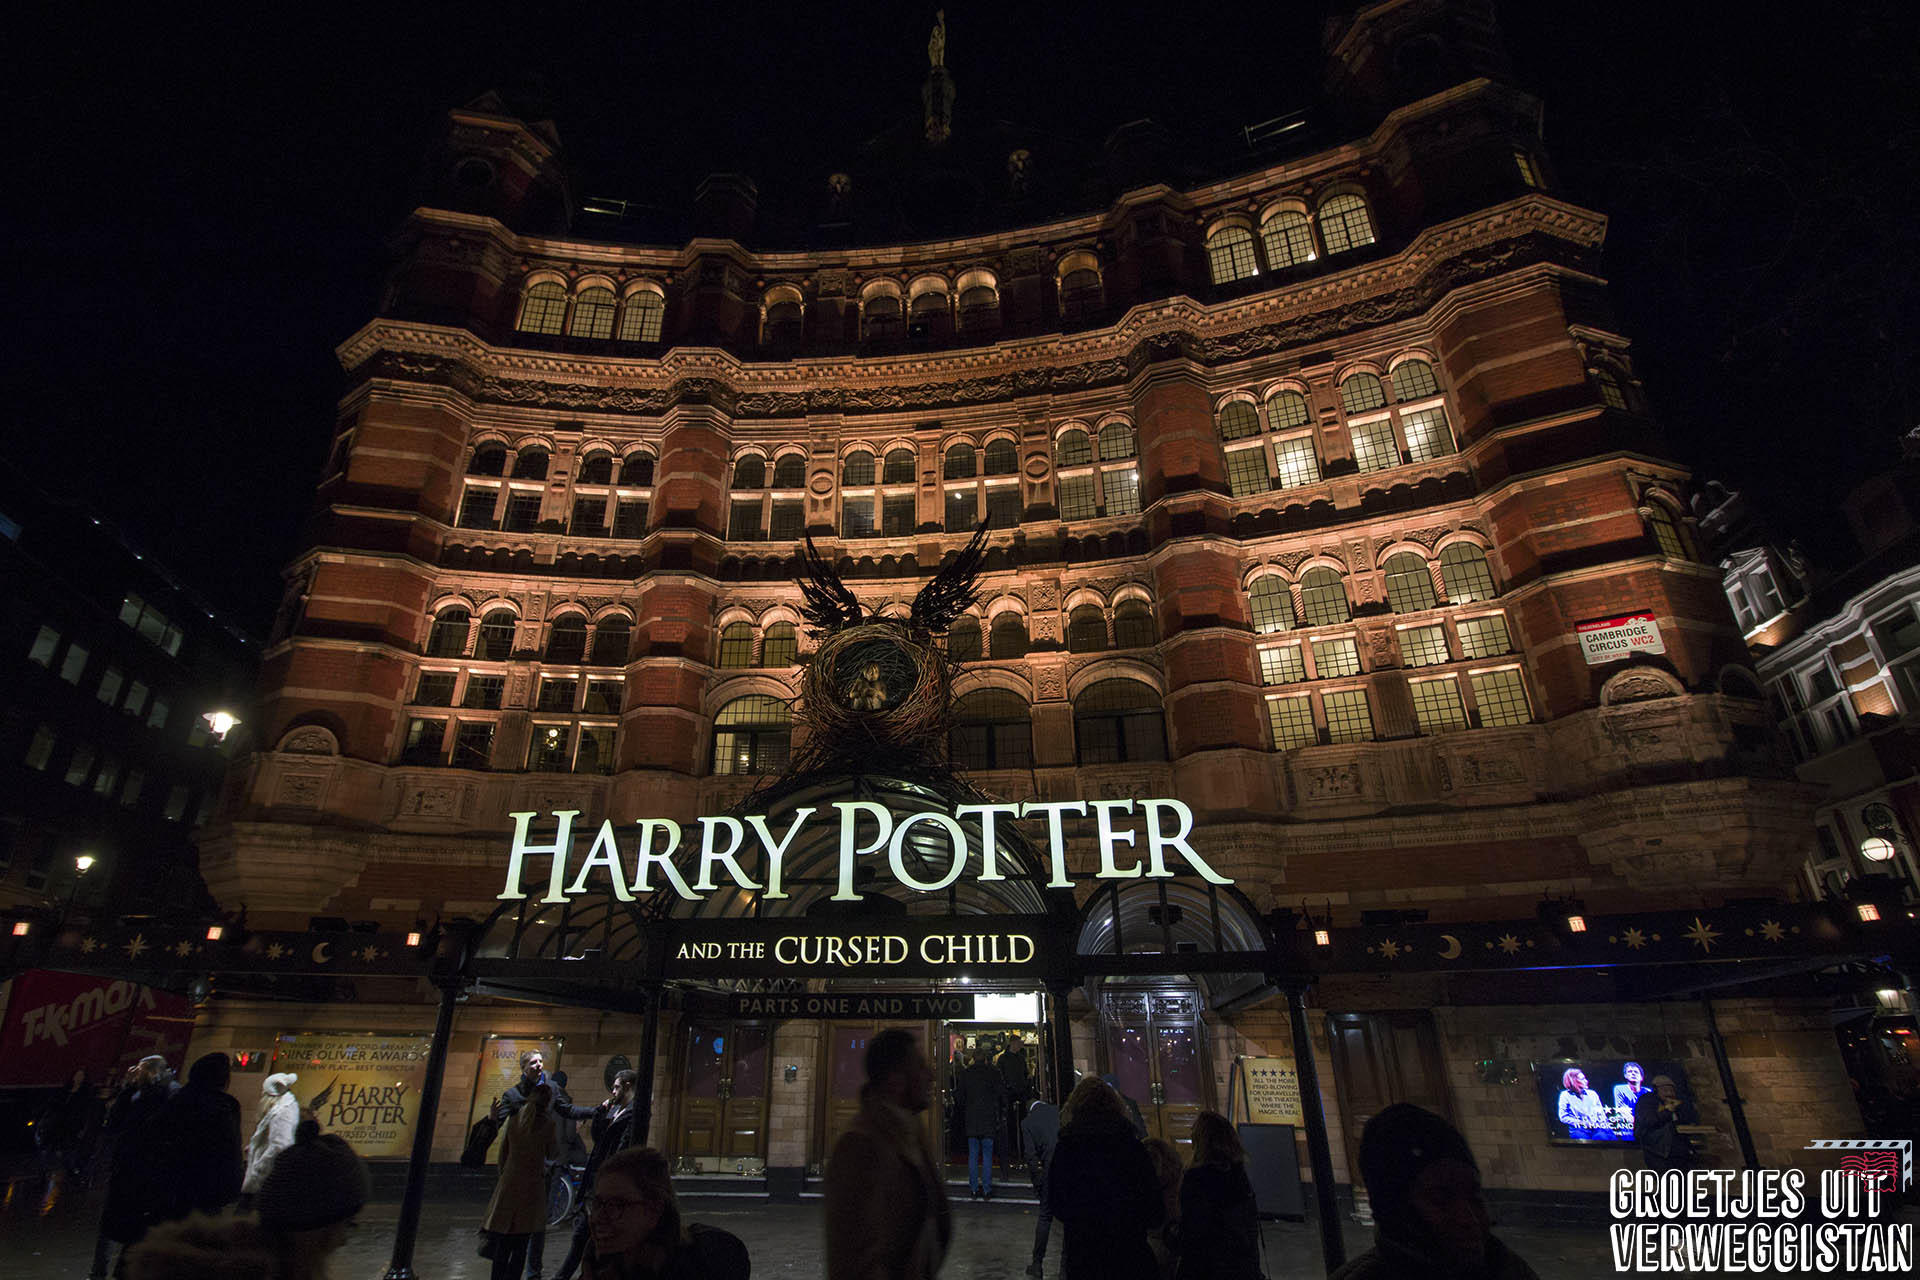 Palace Theater waar het Harry Potter toneelstuk speelt in het donker.